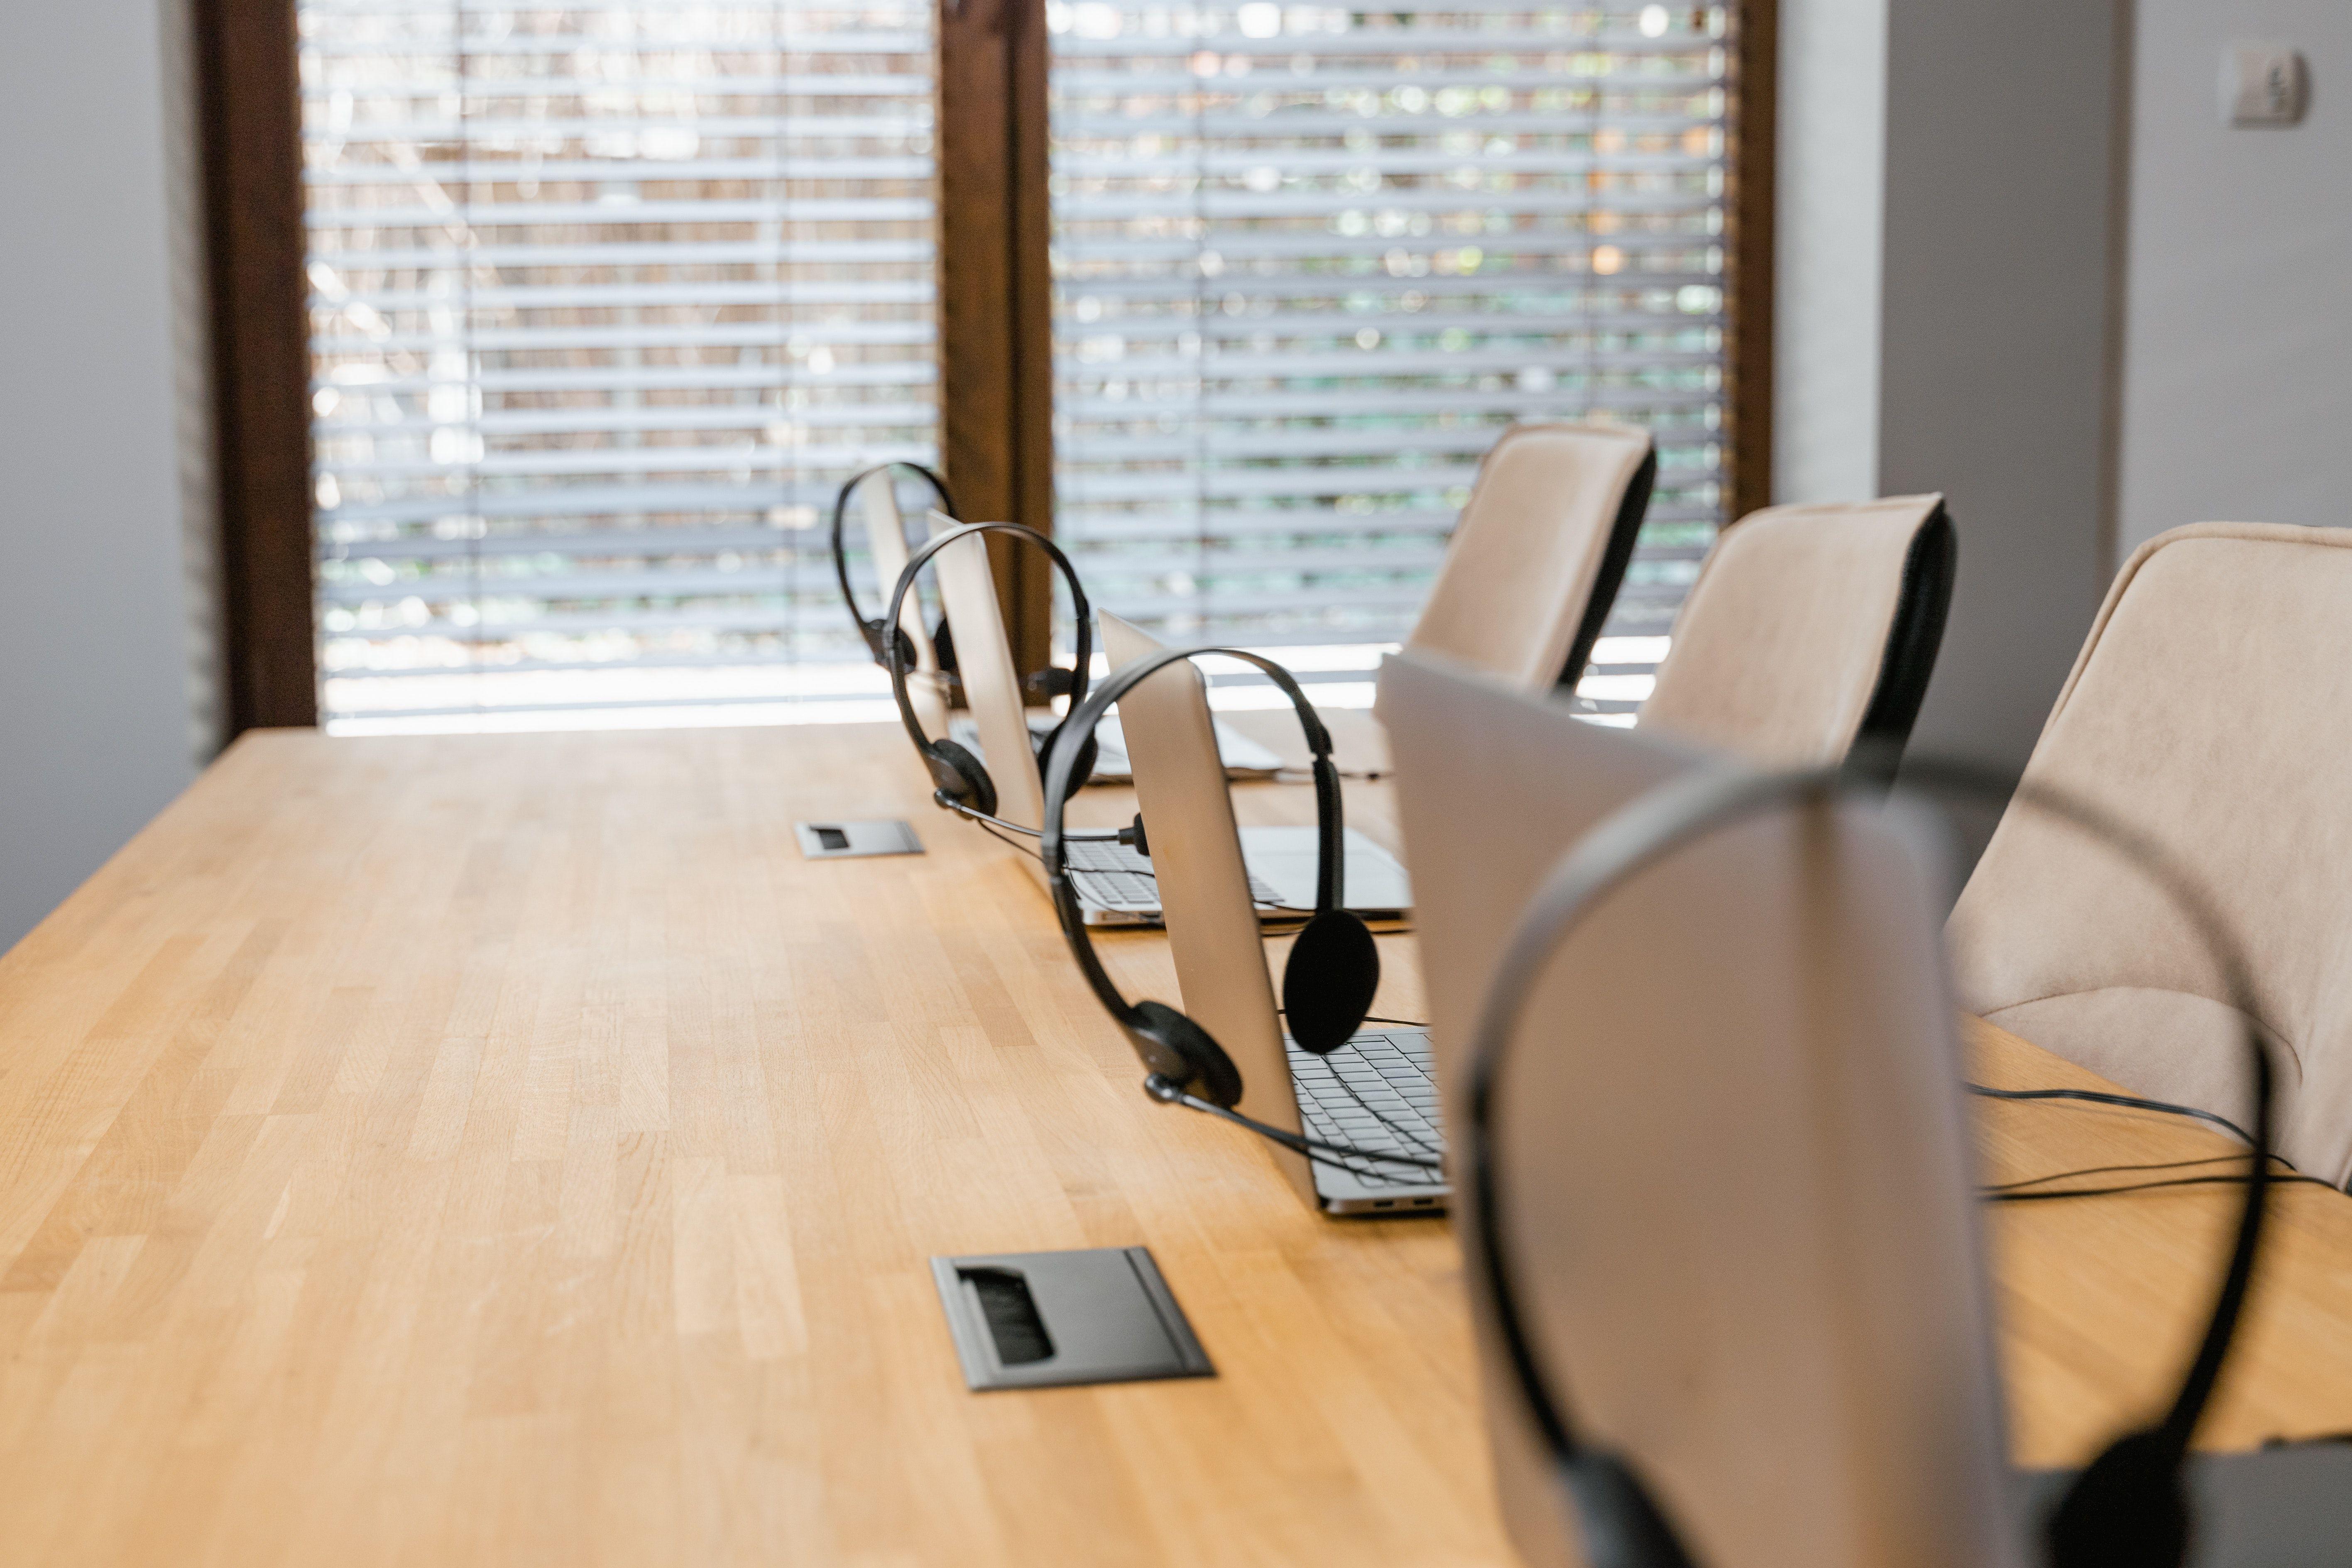 لپتاپها و هدستها روی میز بخش پشتیبانی مشتریان یک شرکت